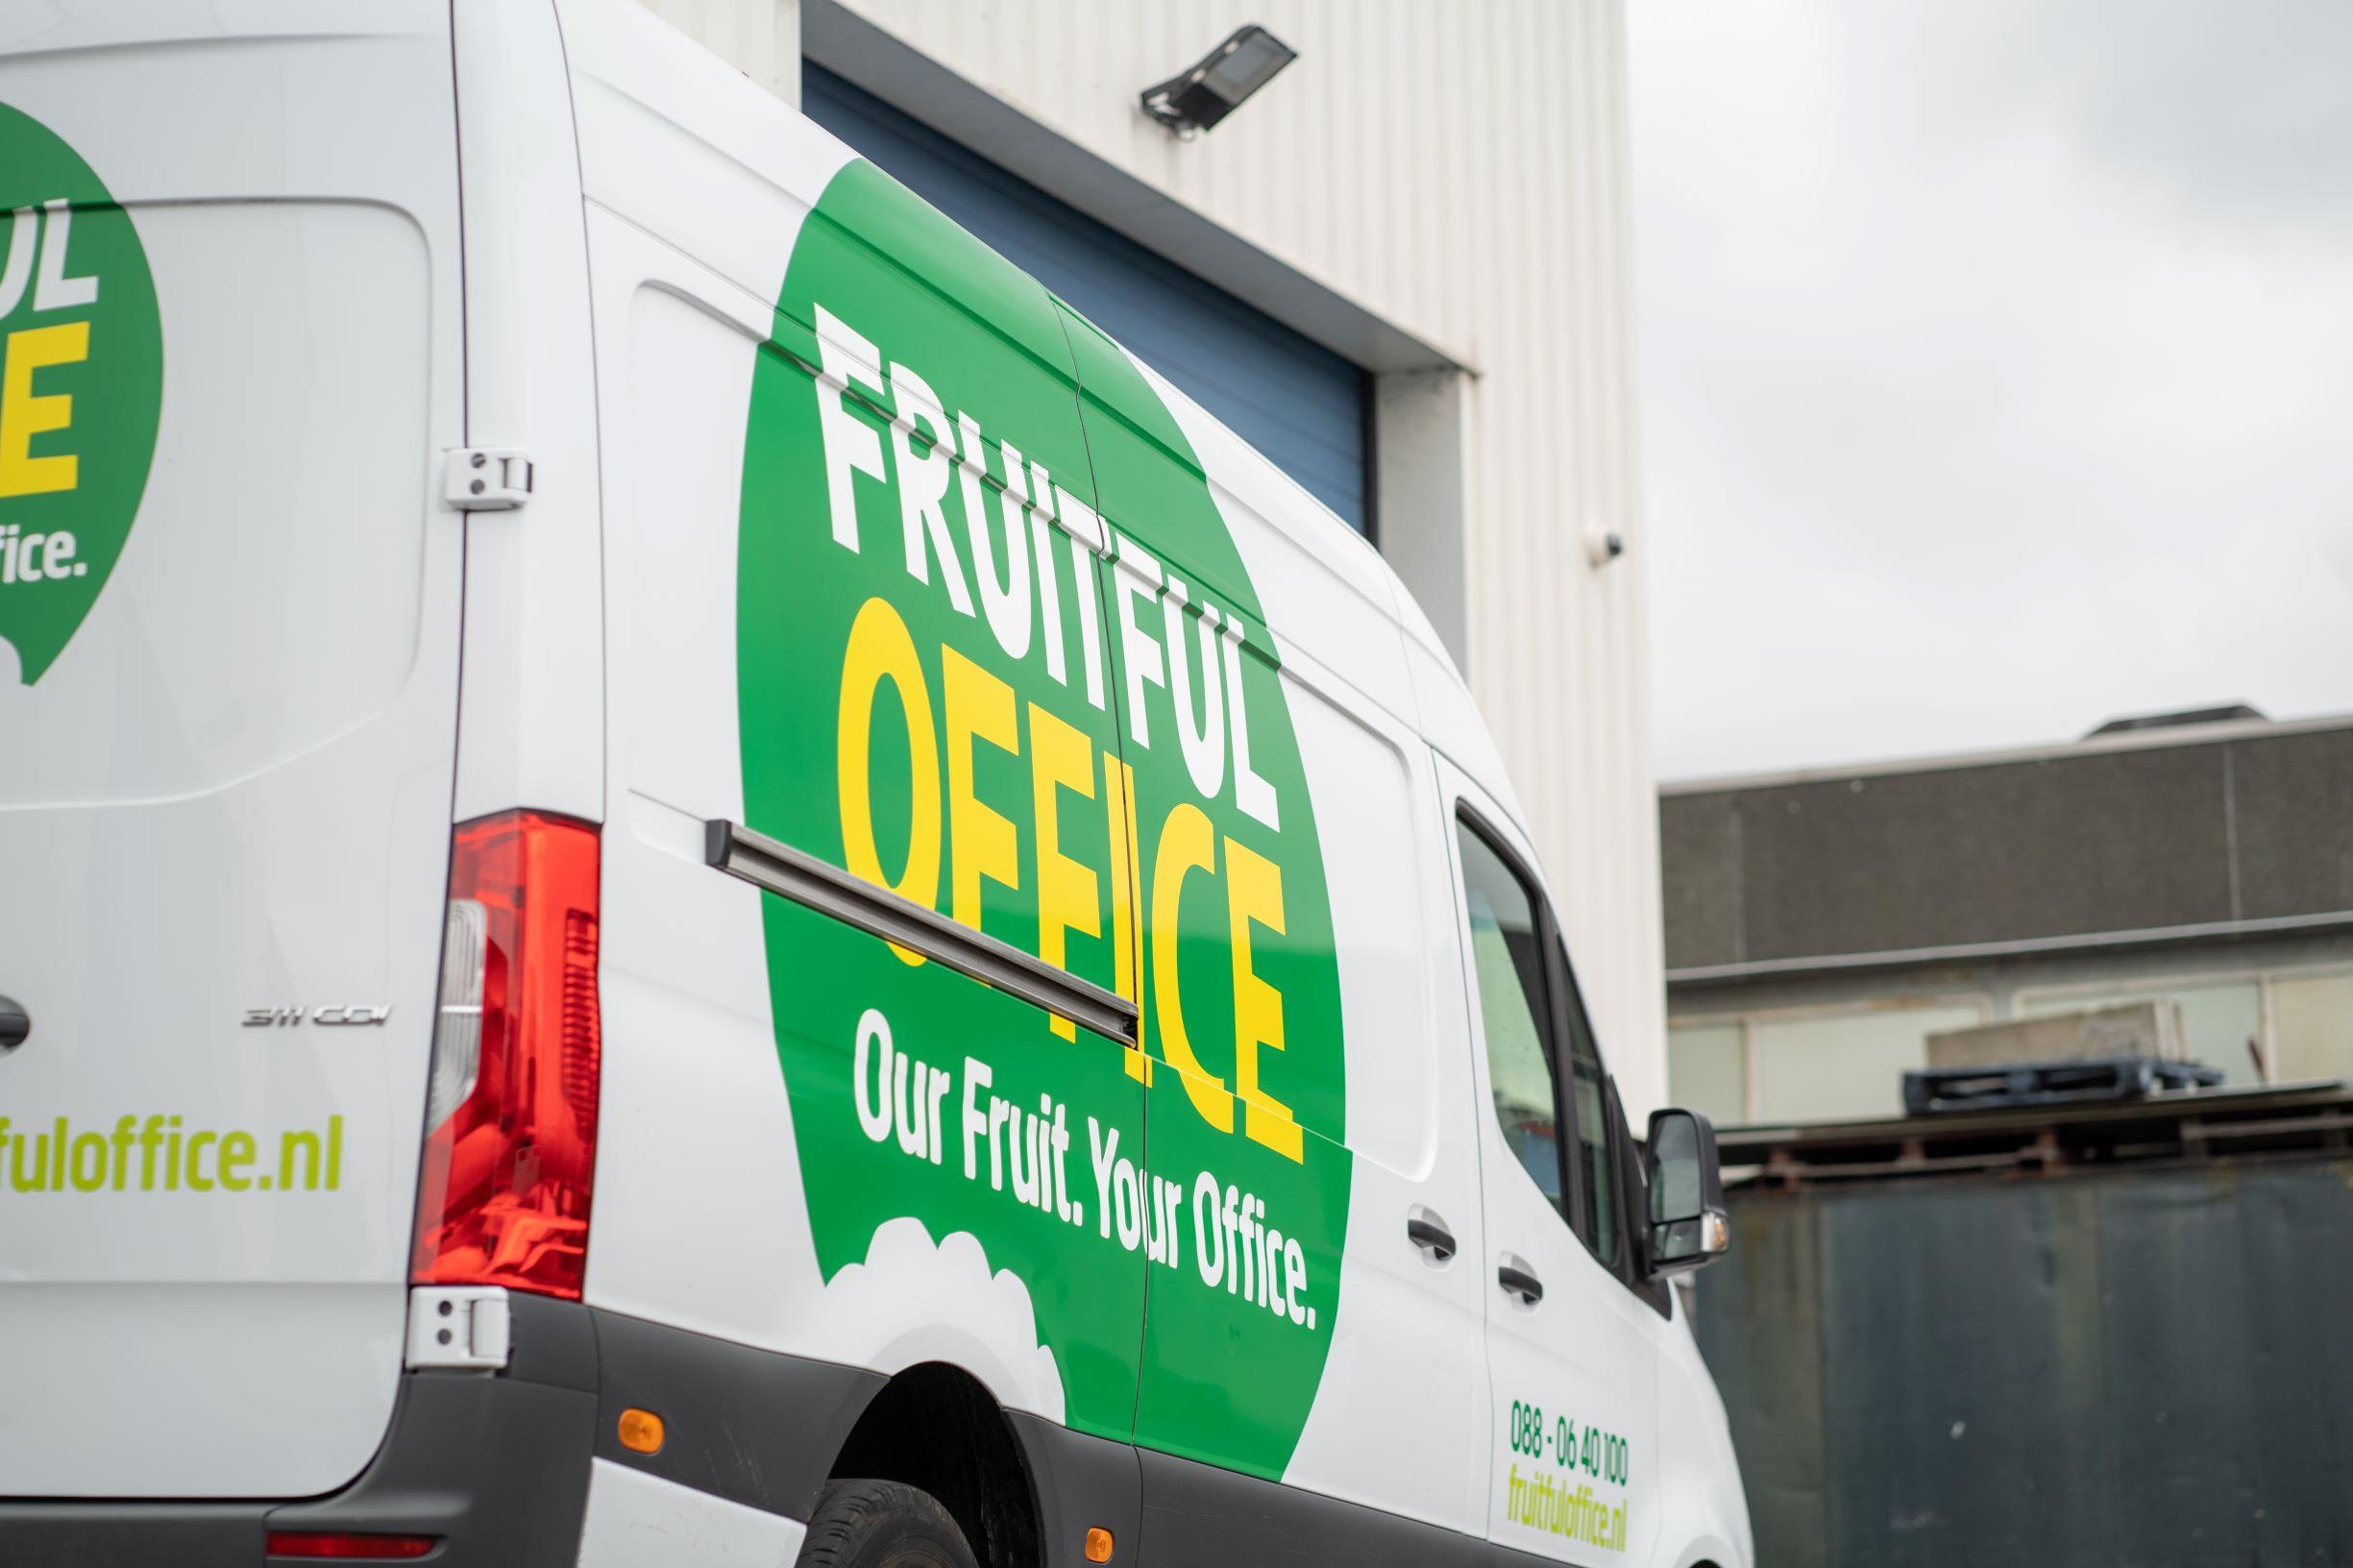 Bedrijfsauto bestickering FDS Signmakers Fruitful office